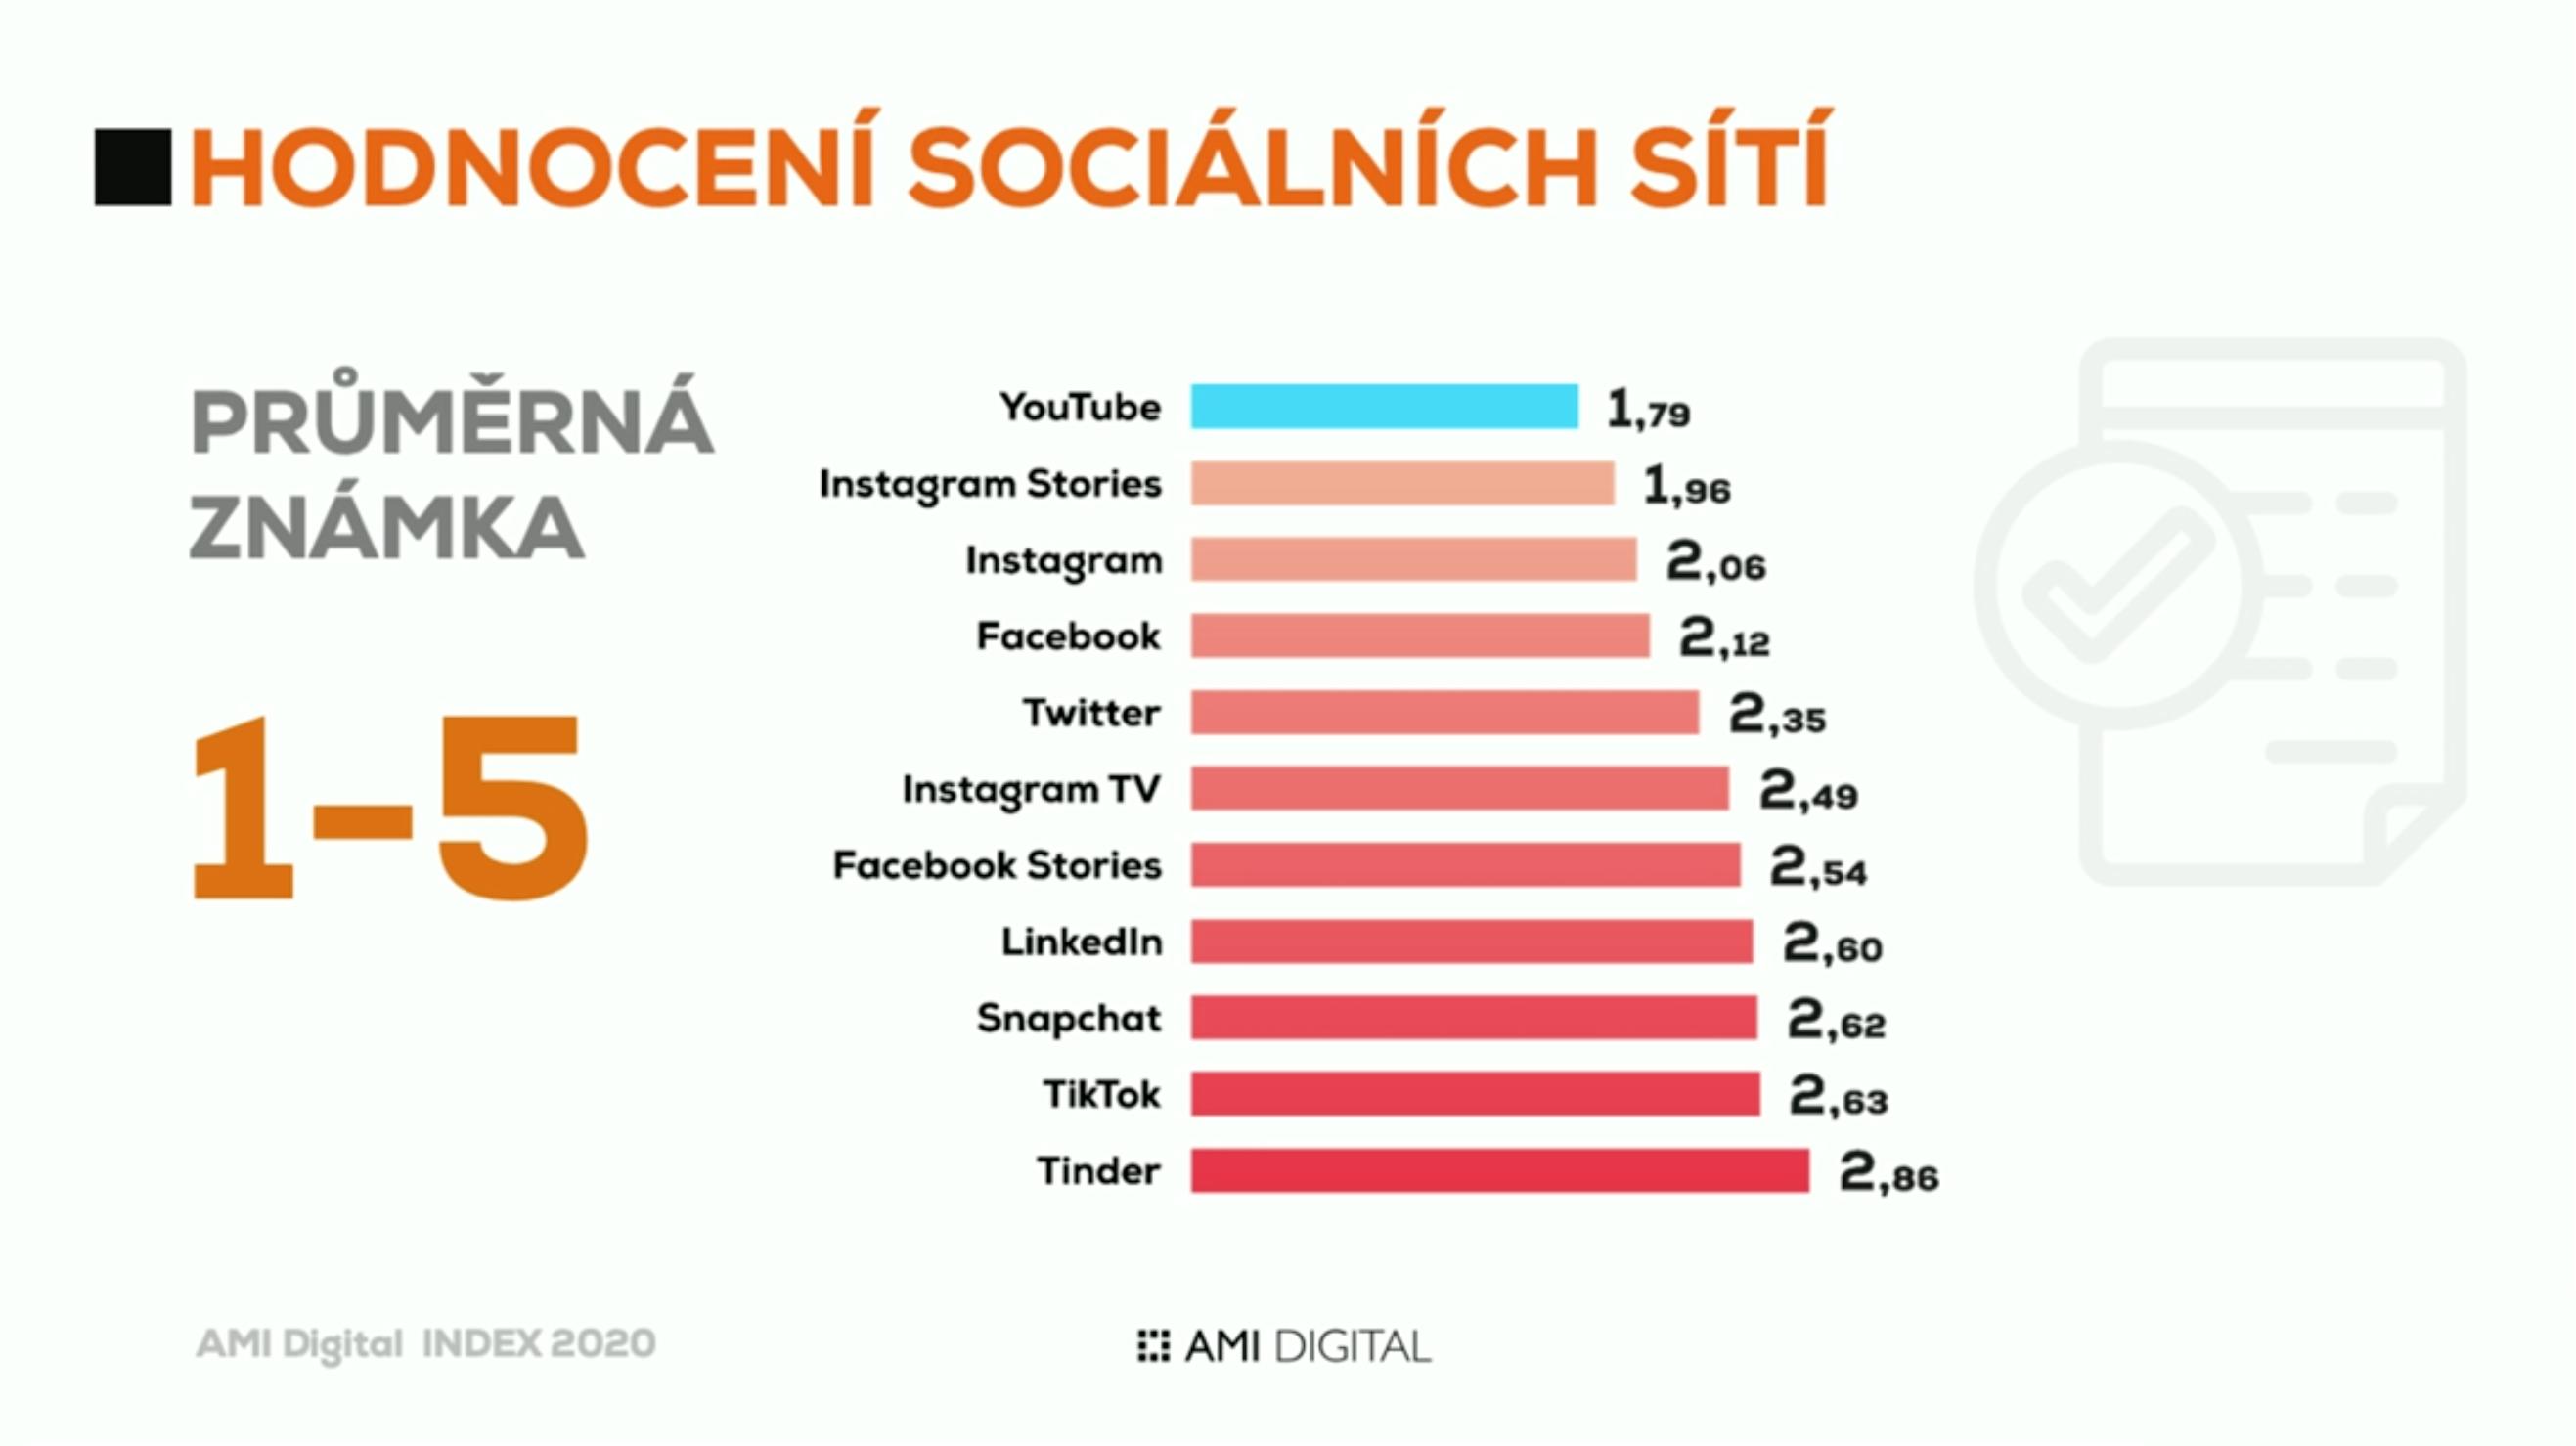 AMI Digital Index 2020: hodnocení sociálních sítí